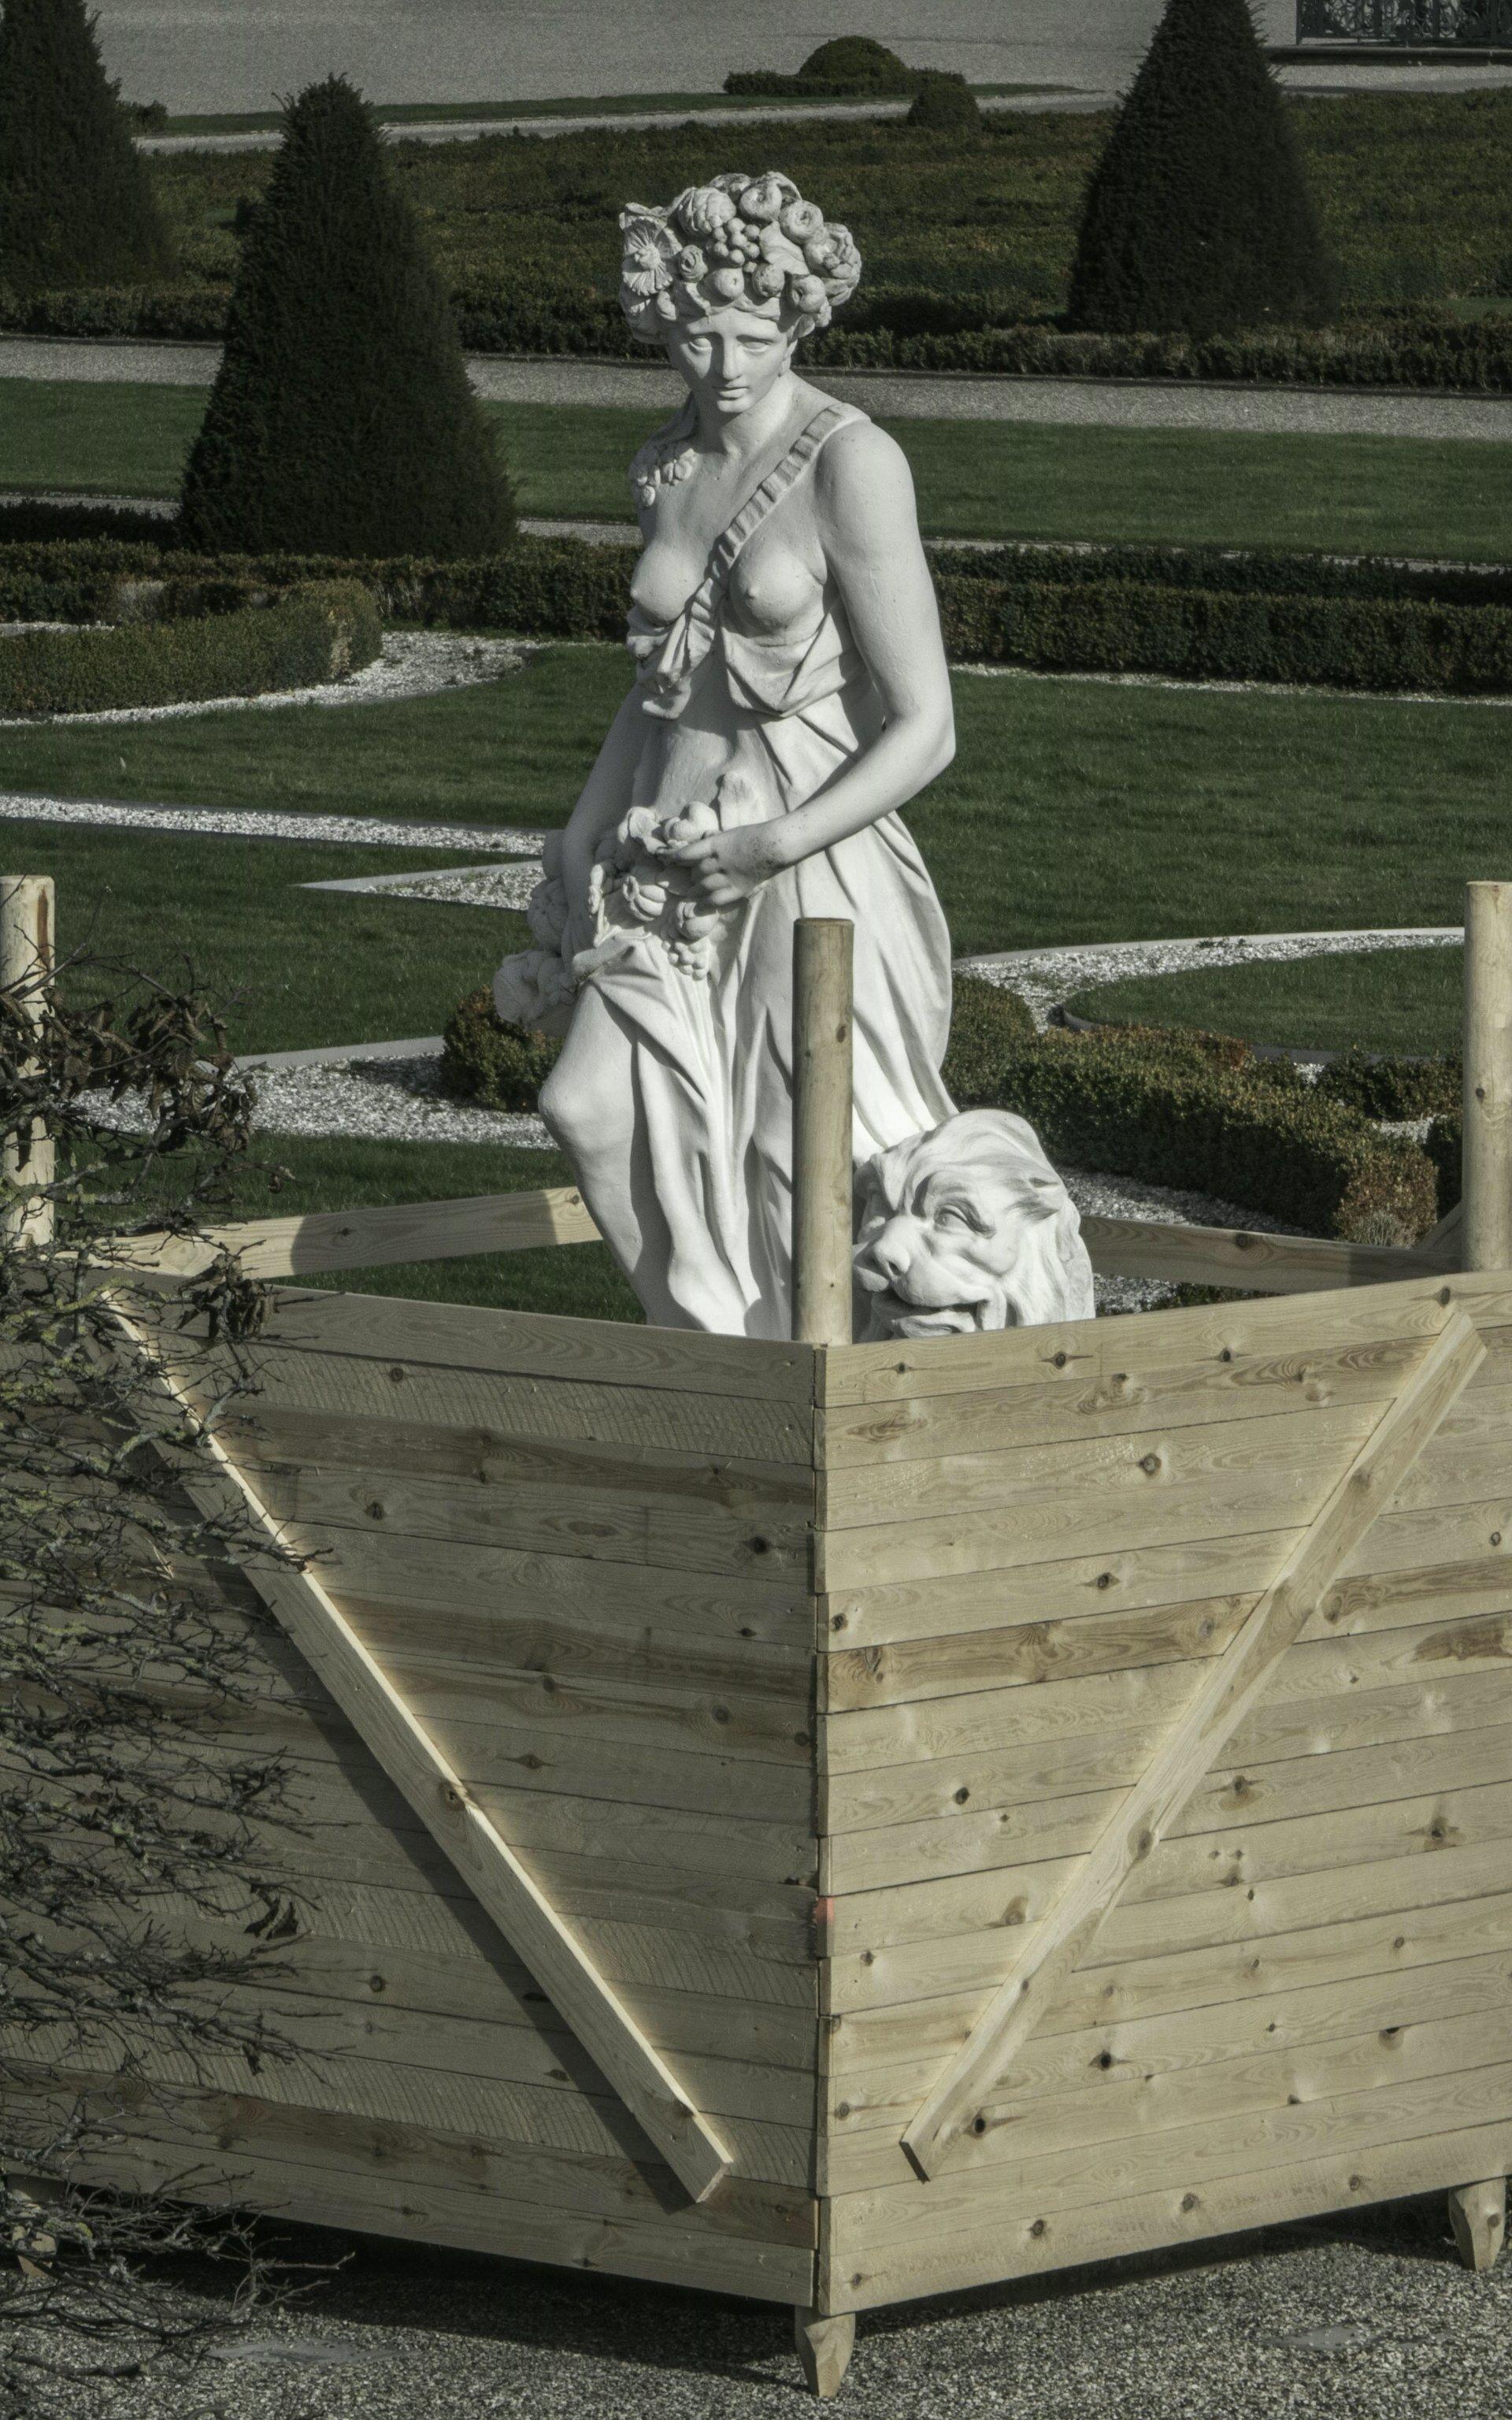 Kybele als Allegorie der Erde im Parterre des Großen Gartens